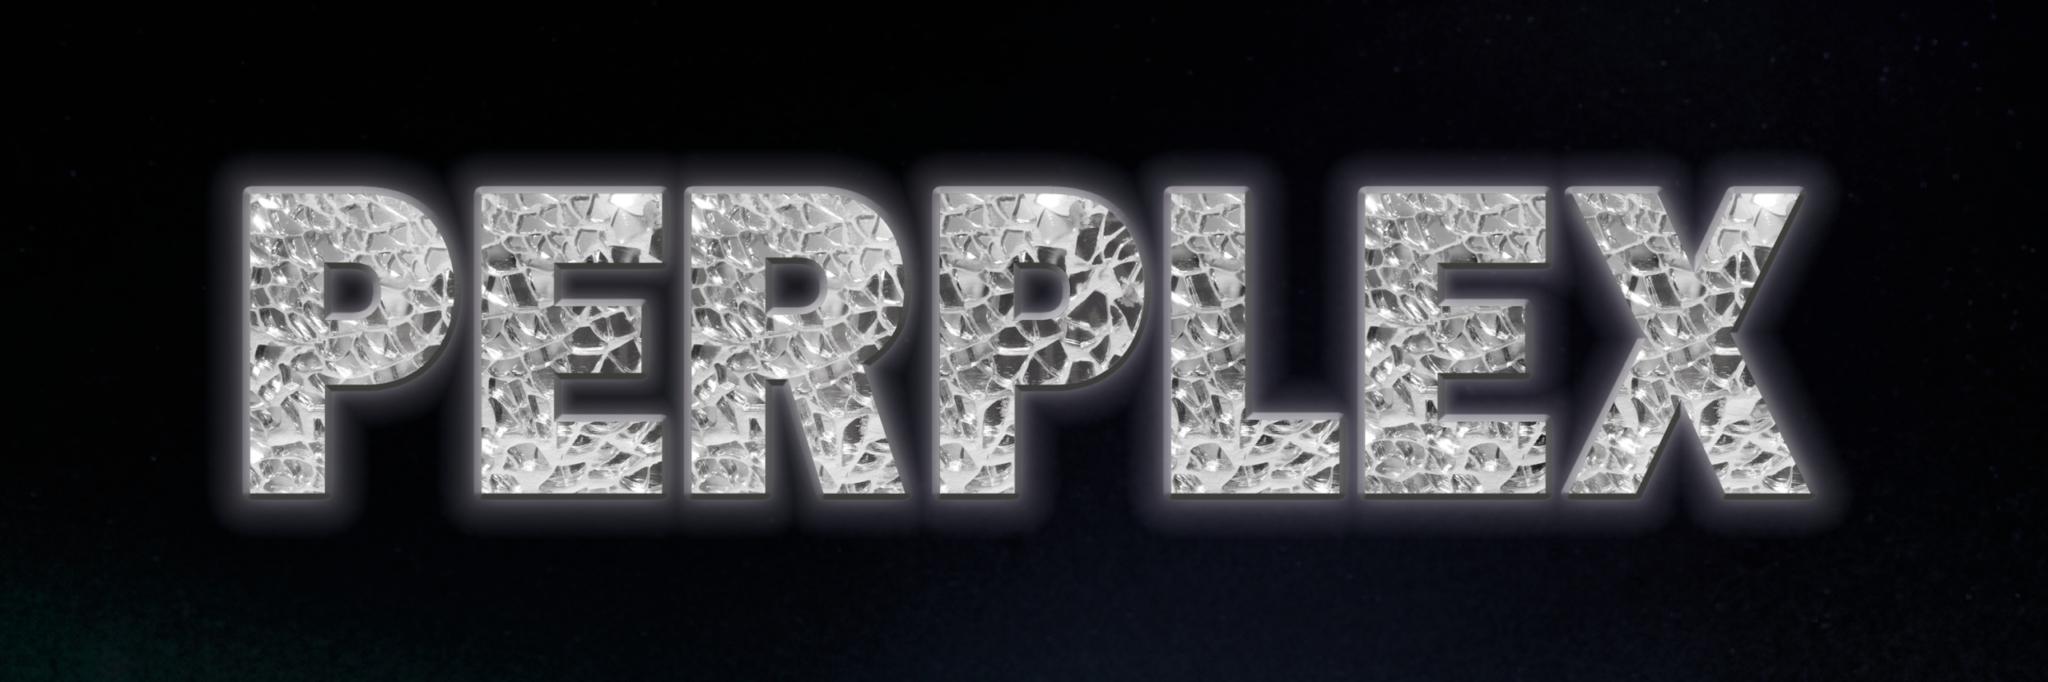 Perplex – ett drömspel för vår tid | PREMIÄR DEN 3 OKTOBER!